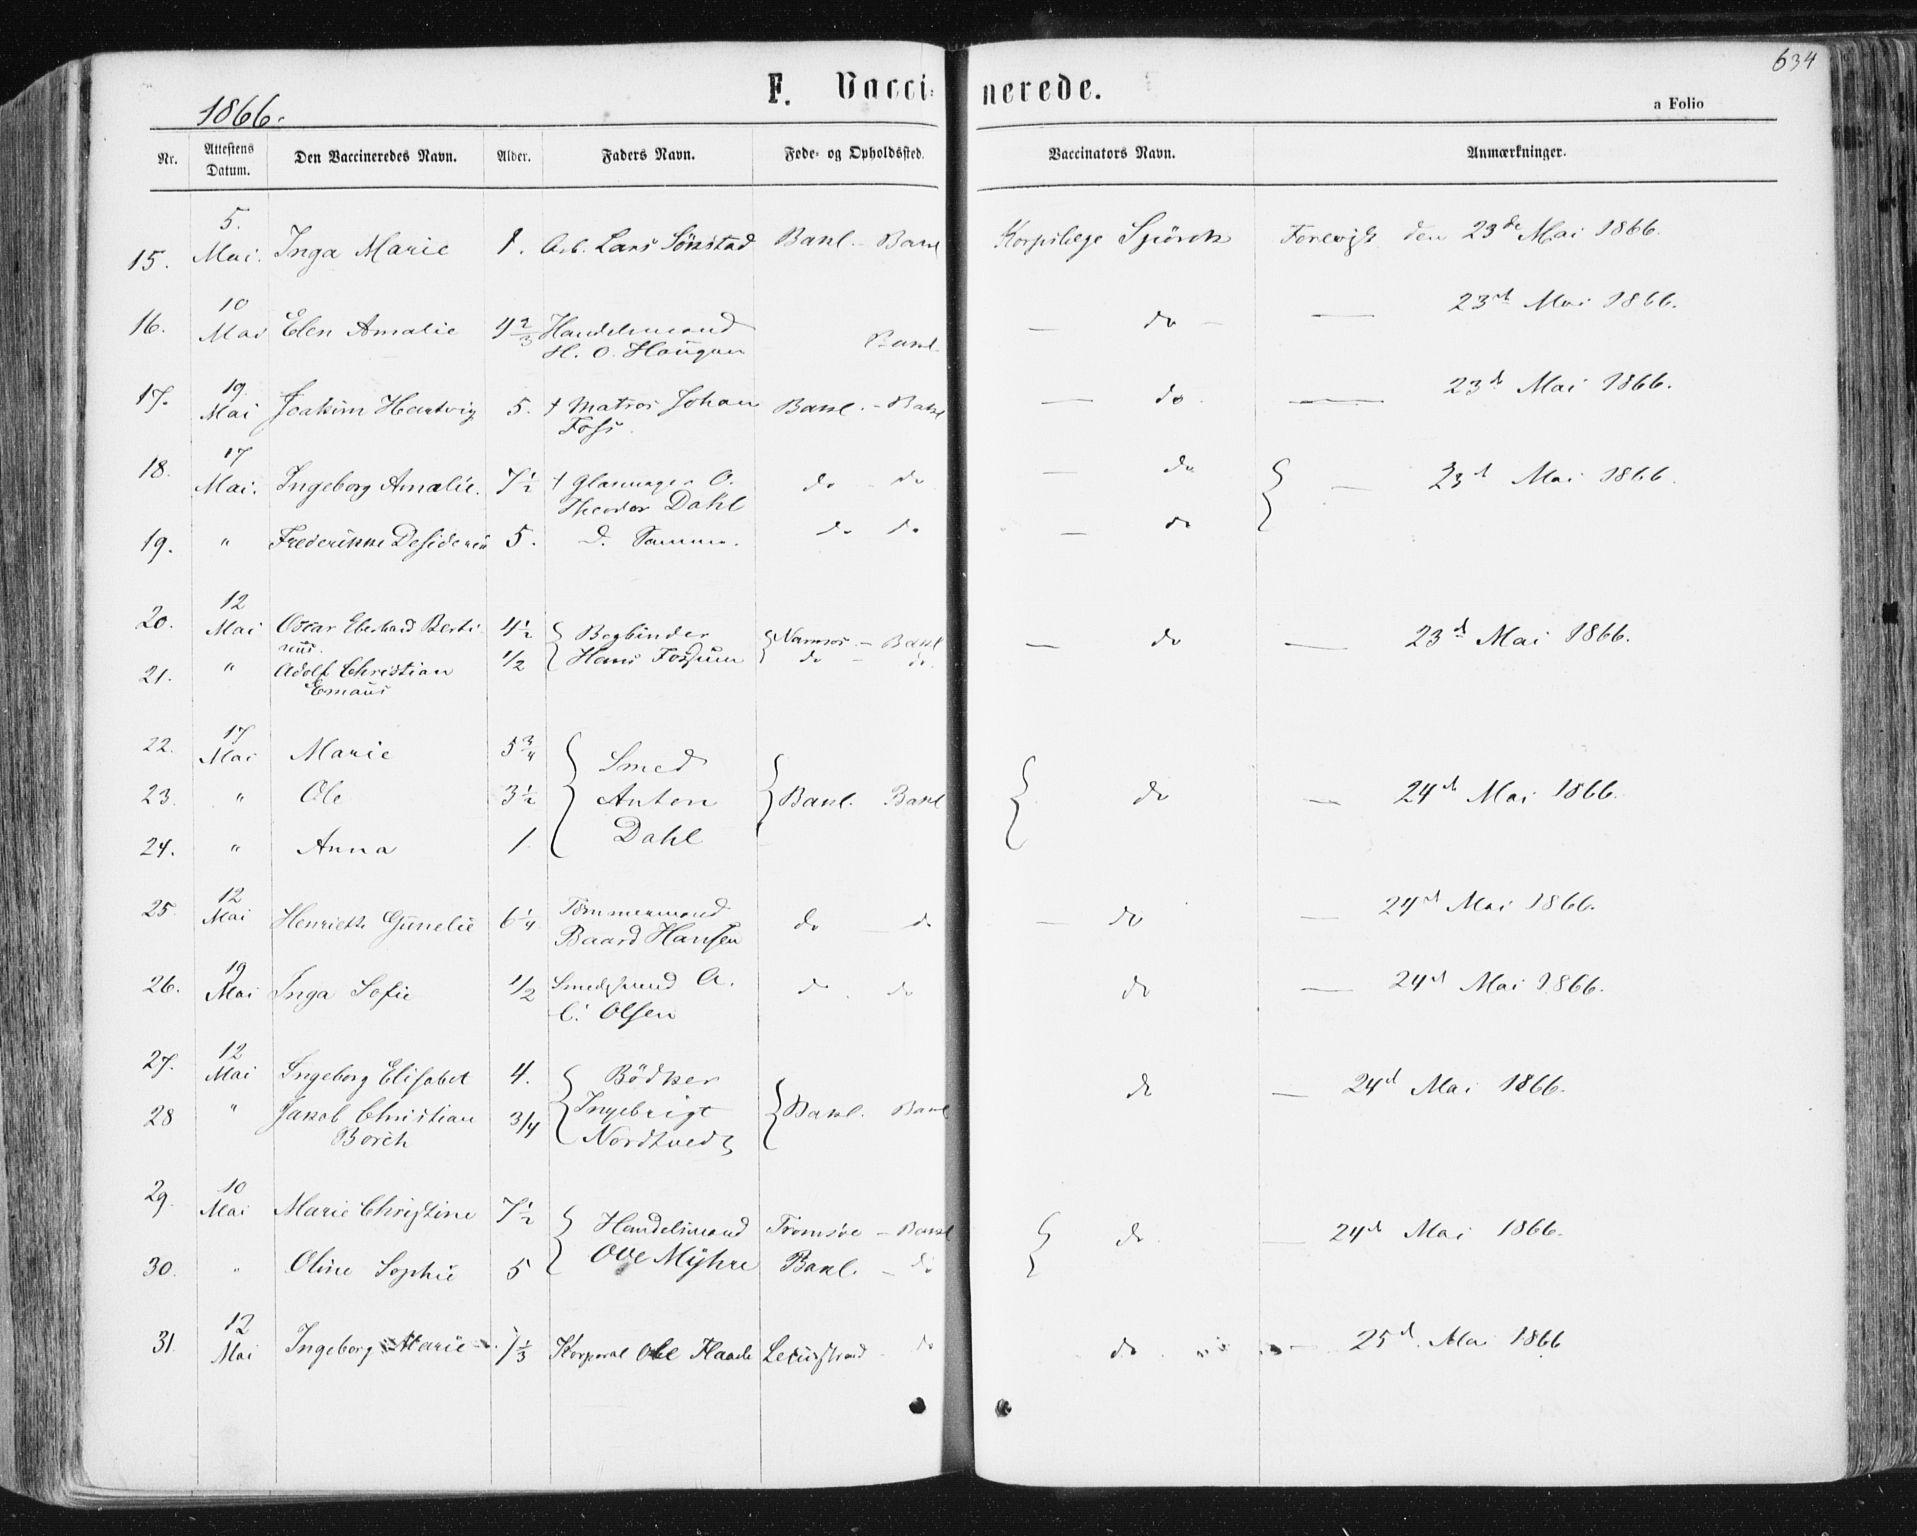 SAT, Ministerialprotokoller, klokkerbøker og fødselsregistre - Sør-Trøndelag, 604/L0186: Ministerialbok nr. 604A07, 1866-1877, s. 634